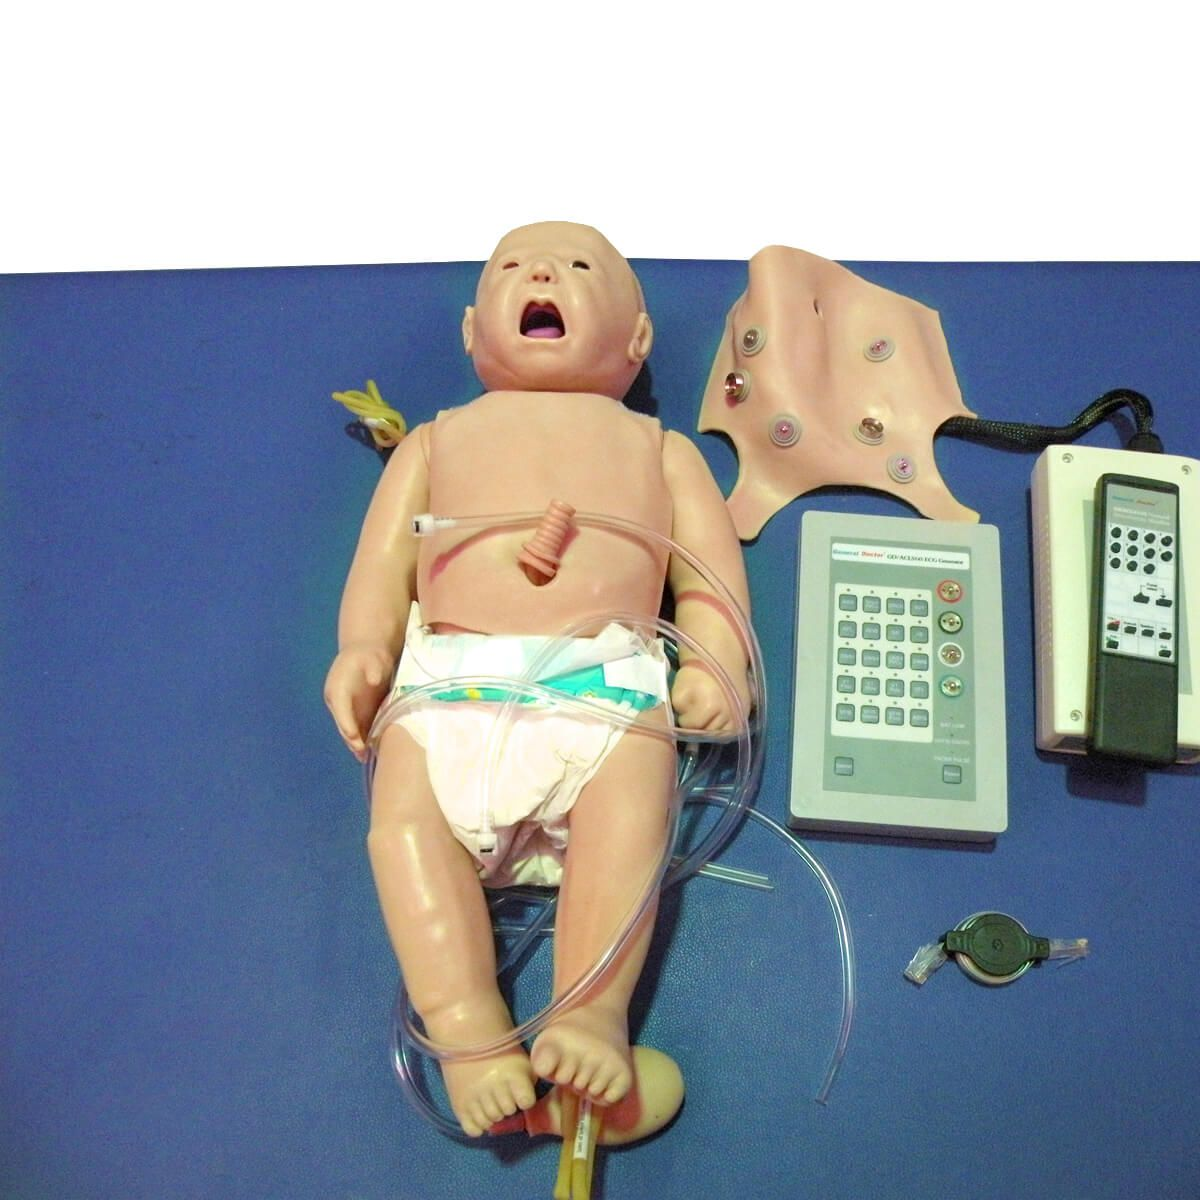 Simulador Manequim Bebê Simulador p/ Treino de Acls Neonatal